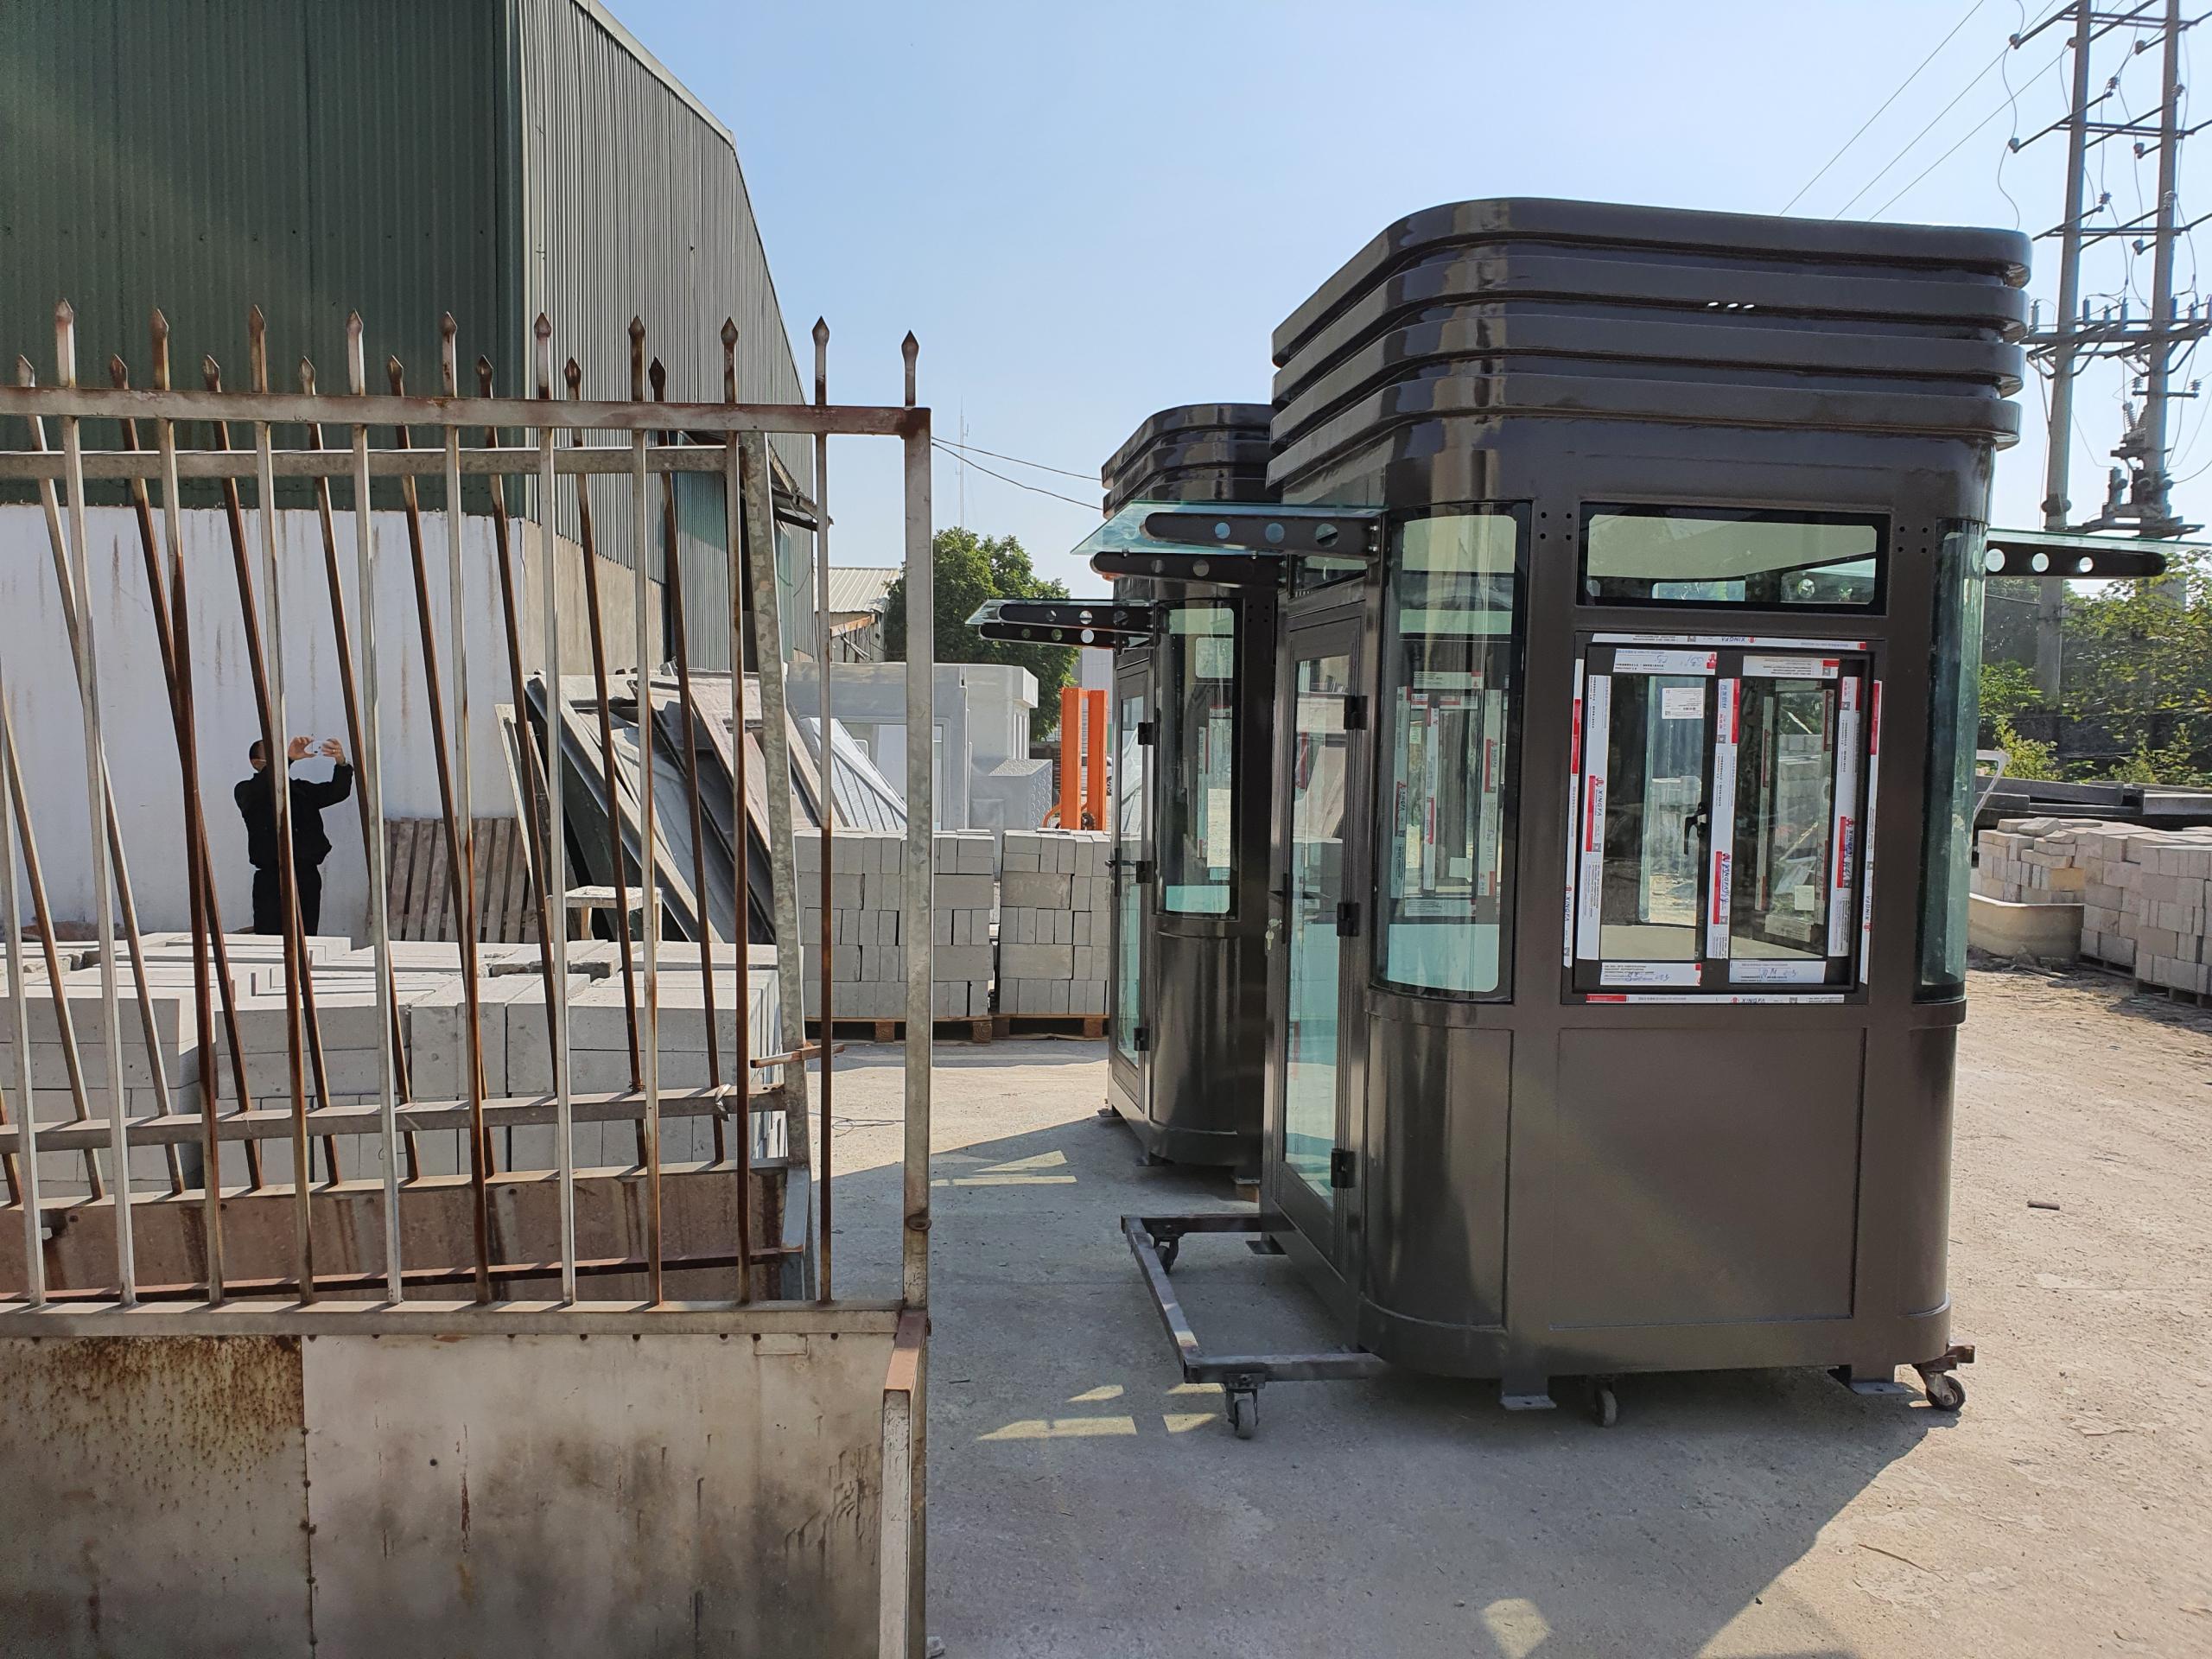 Cung cấp chốt bảo vệ chịu gió tại Quảng Bình